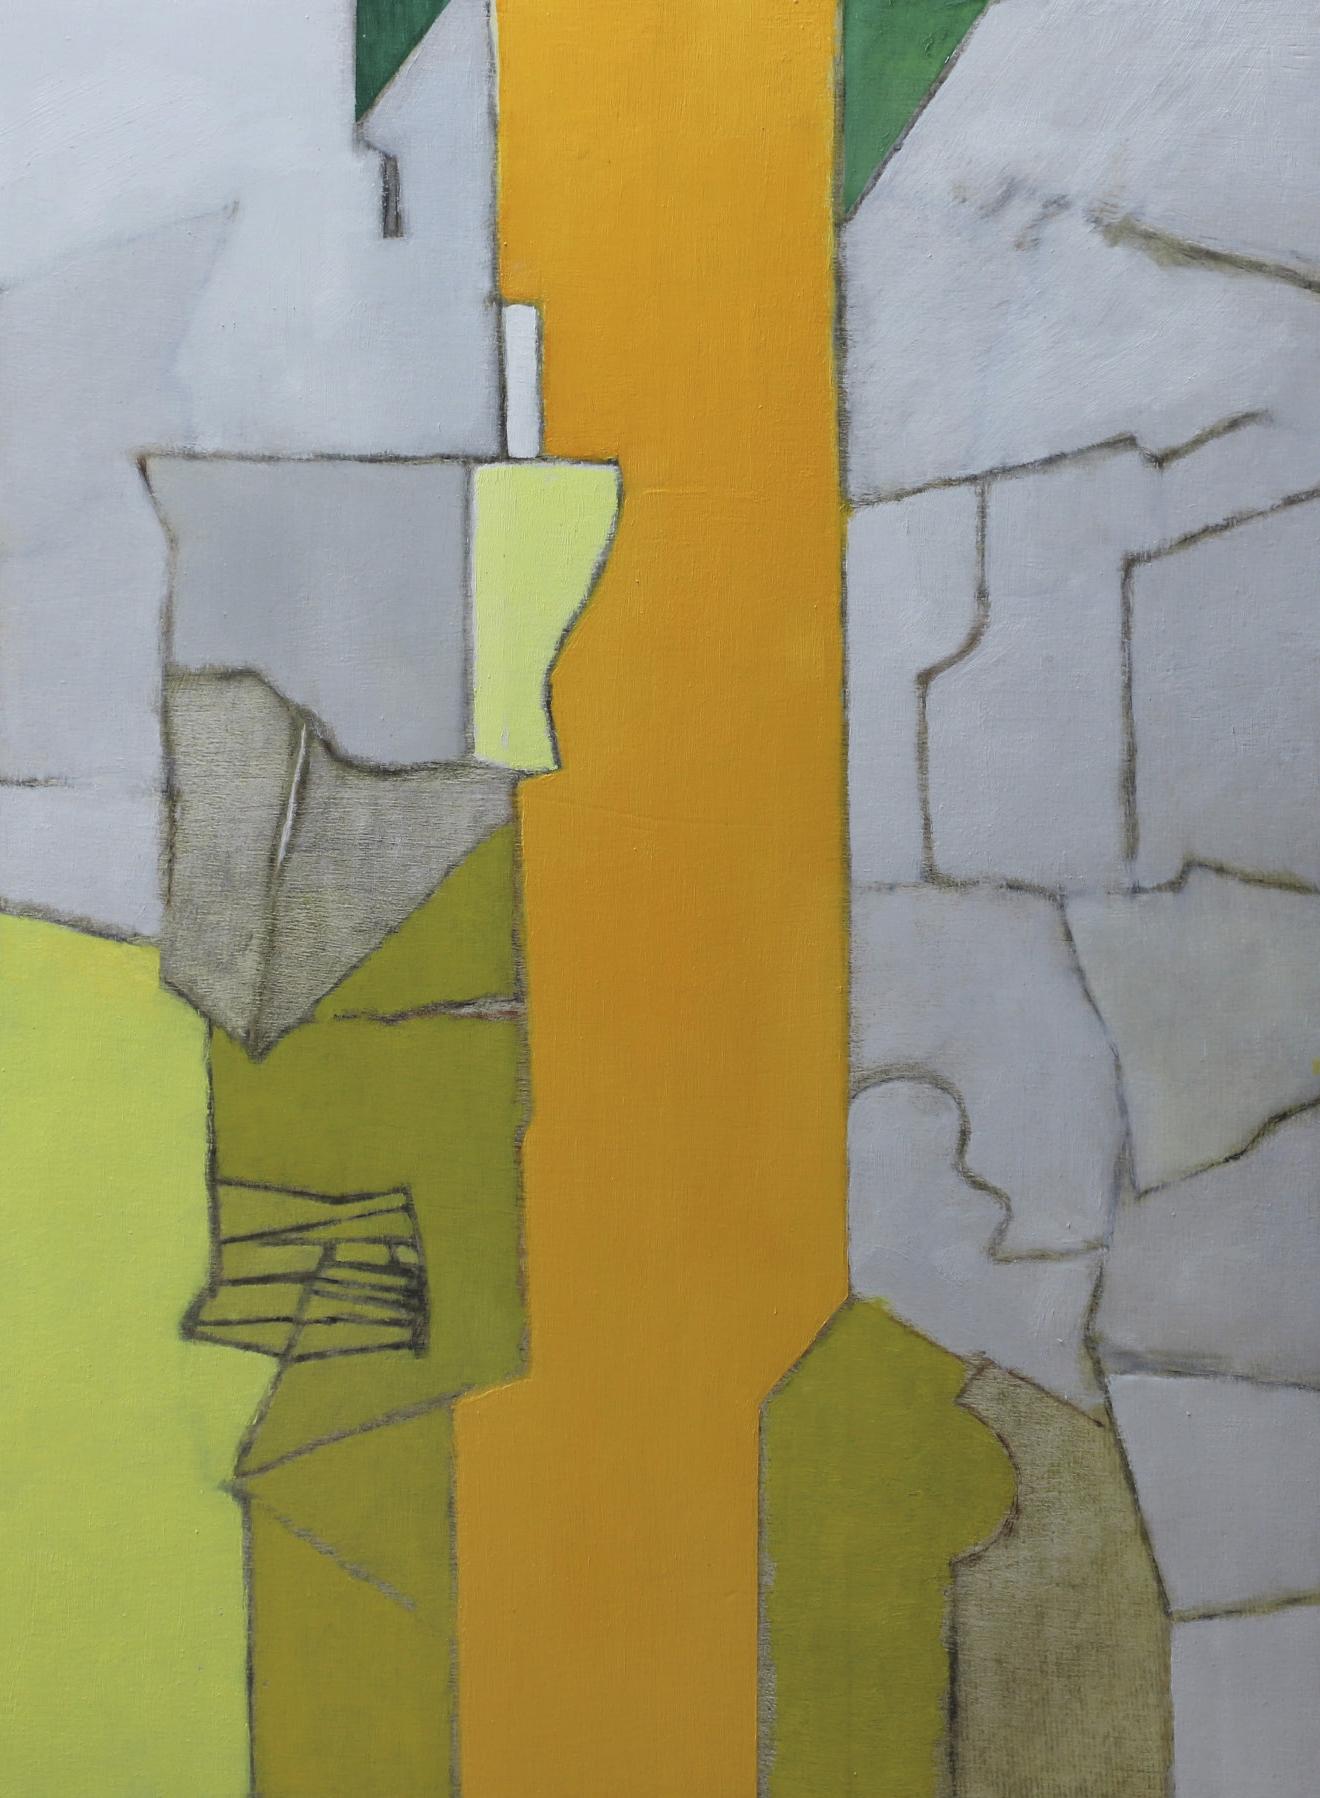 Lot 12 - De Bolle Francis (1939) Lieu Clos, 1996 - Oil on panel - 60 x 45 cm -